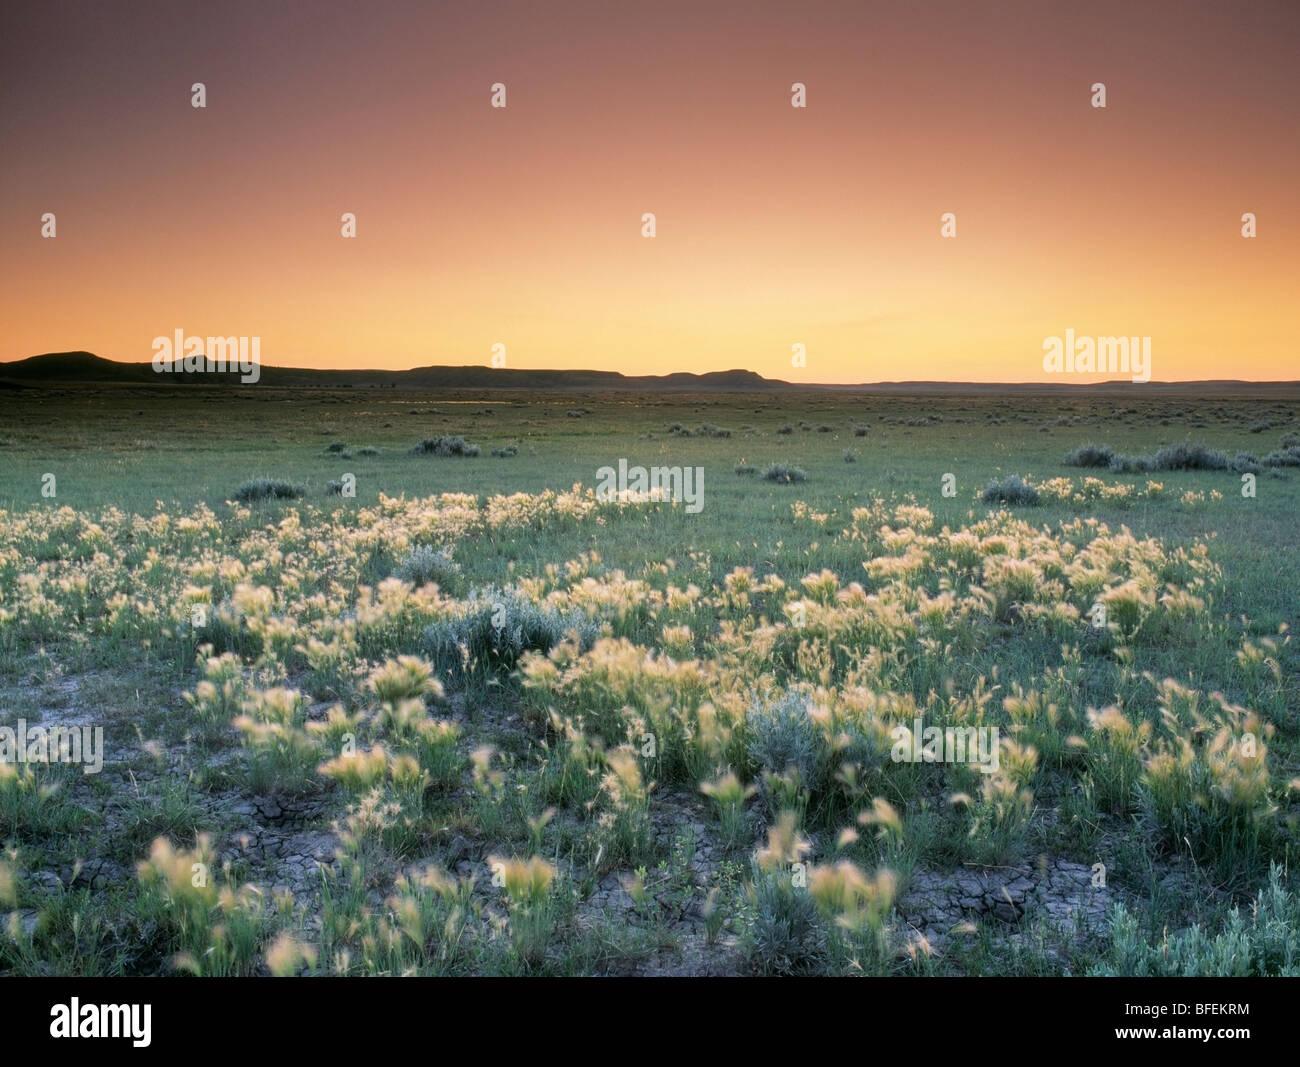 Bereich der Fuchsschwanz Gerste in West Block, Grasslands National Park, Saskatchewan, Kanada Stockbild